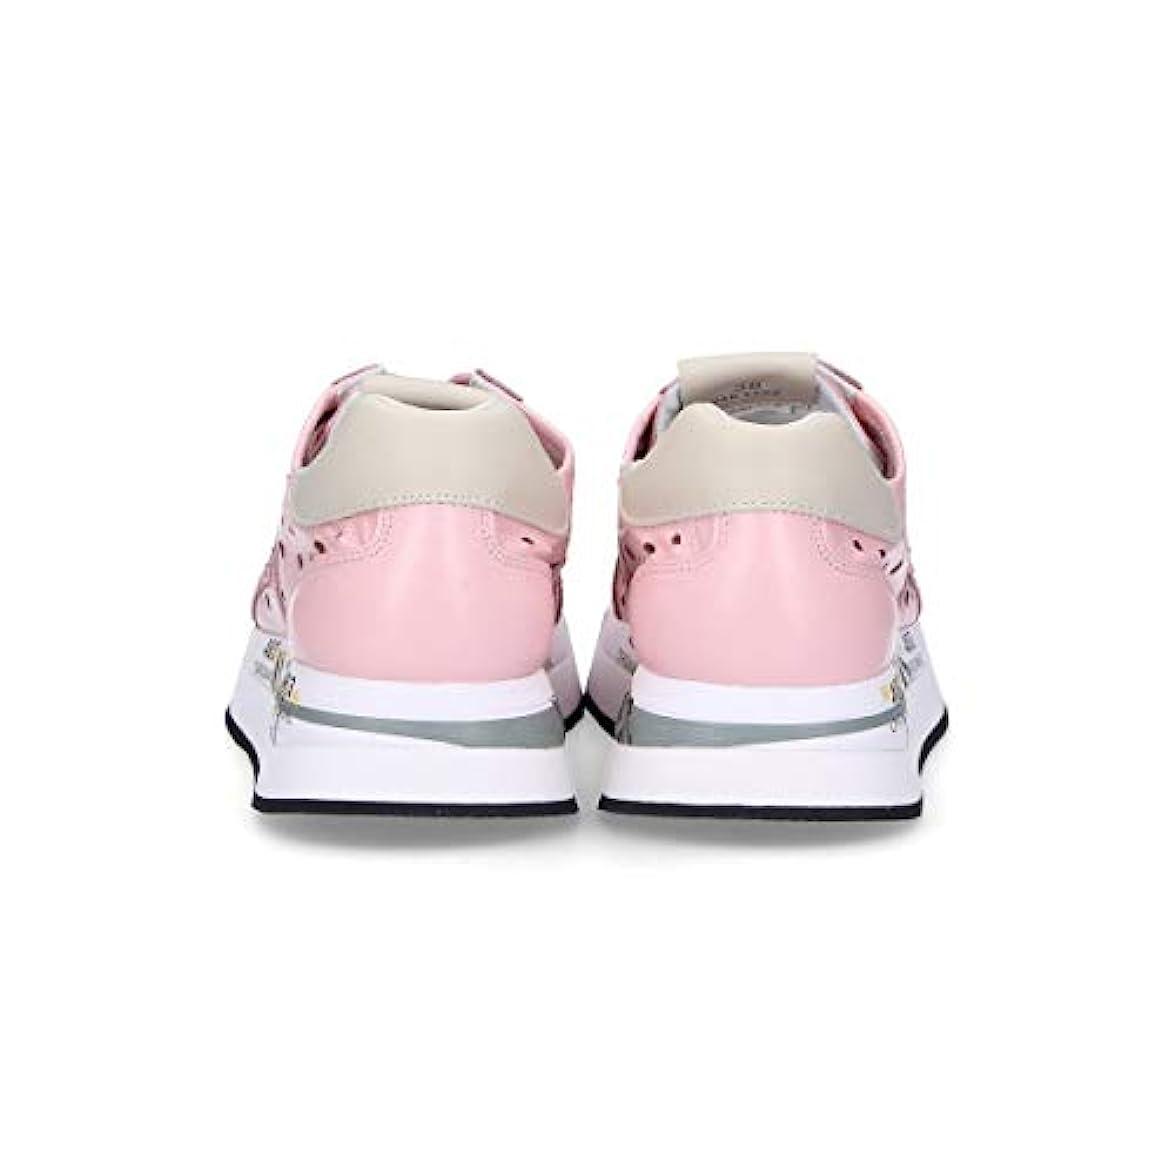 Premiata Sneakers Donna Conny3928 Pelle Rosa